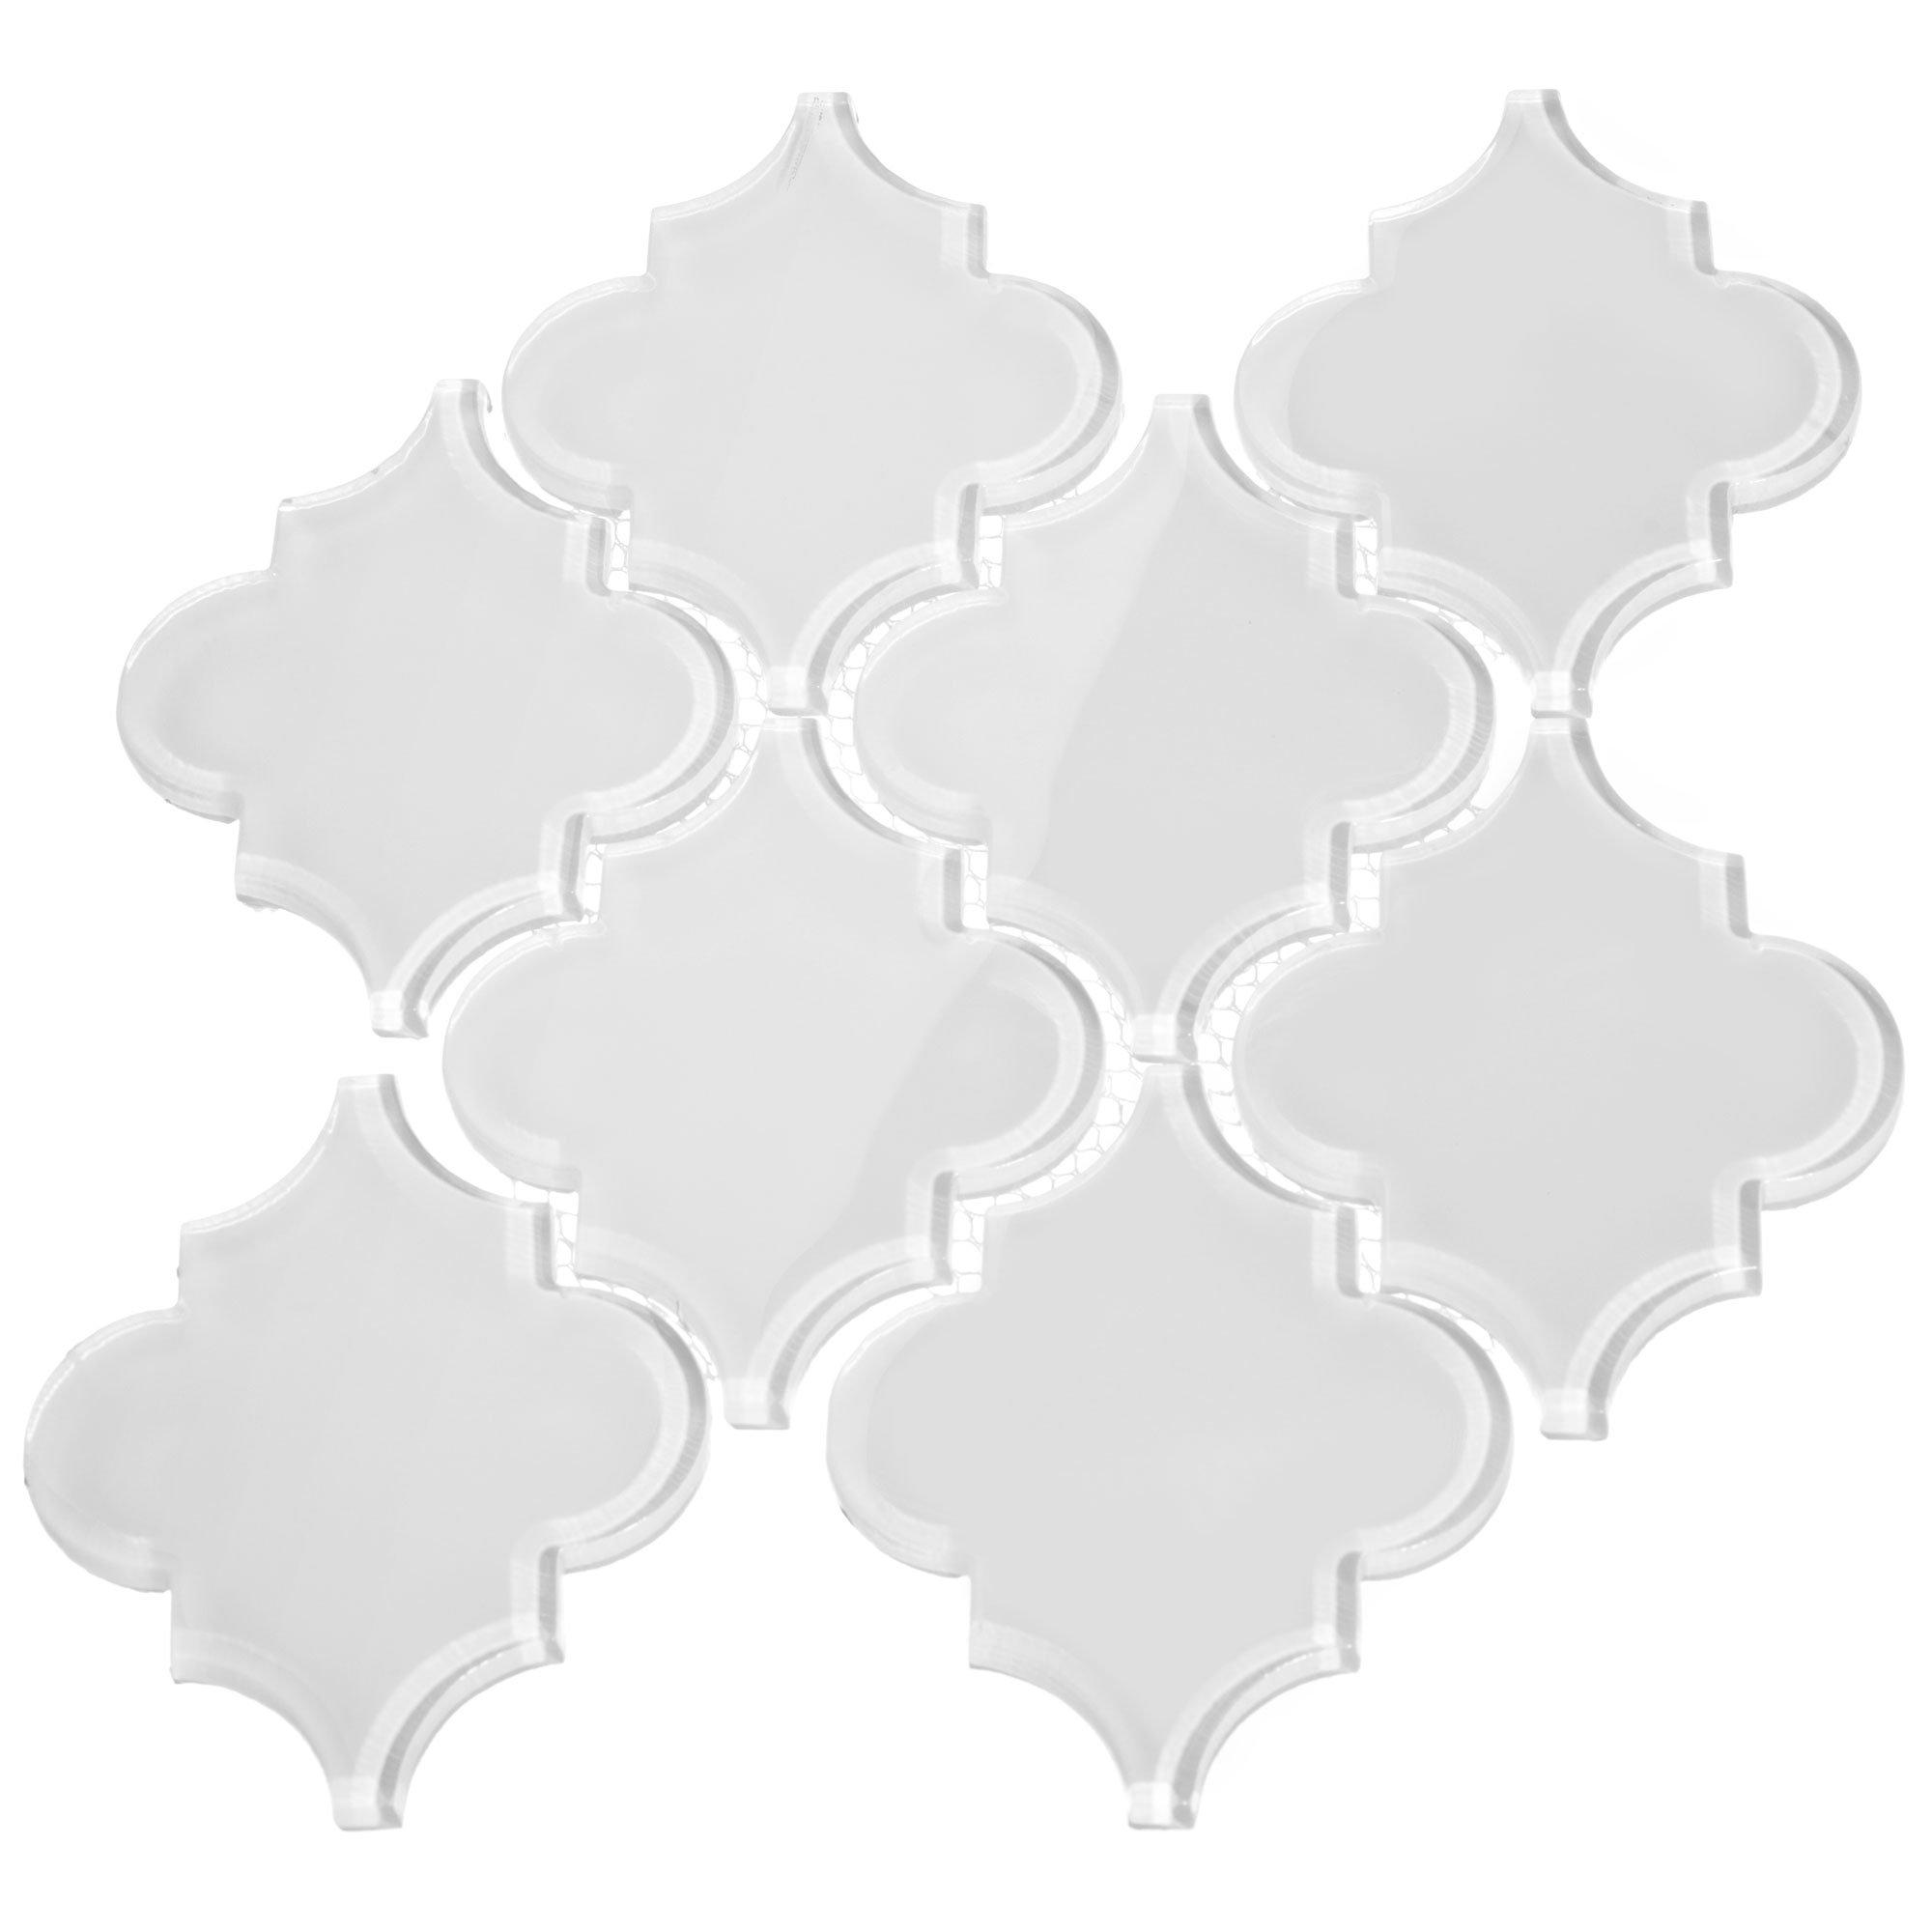 Giorbello G9113 Glass Arabesque Tile, Bright White by Giorbello